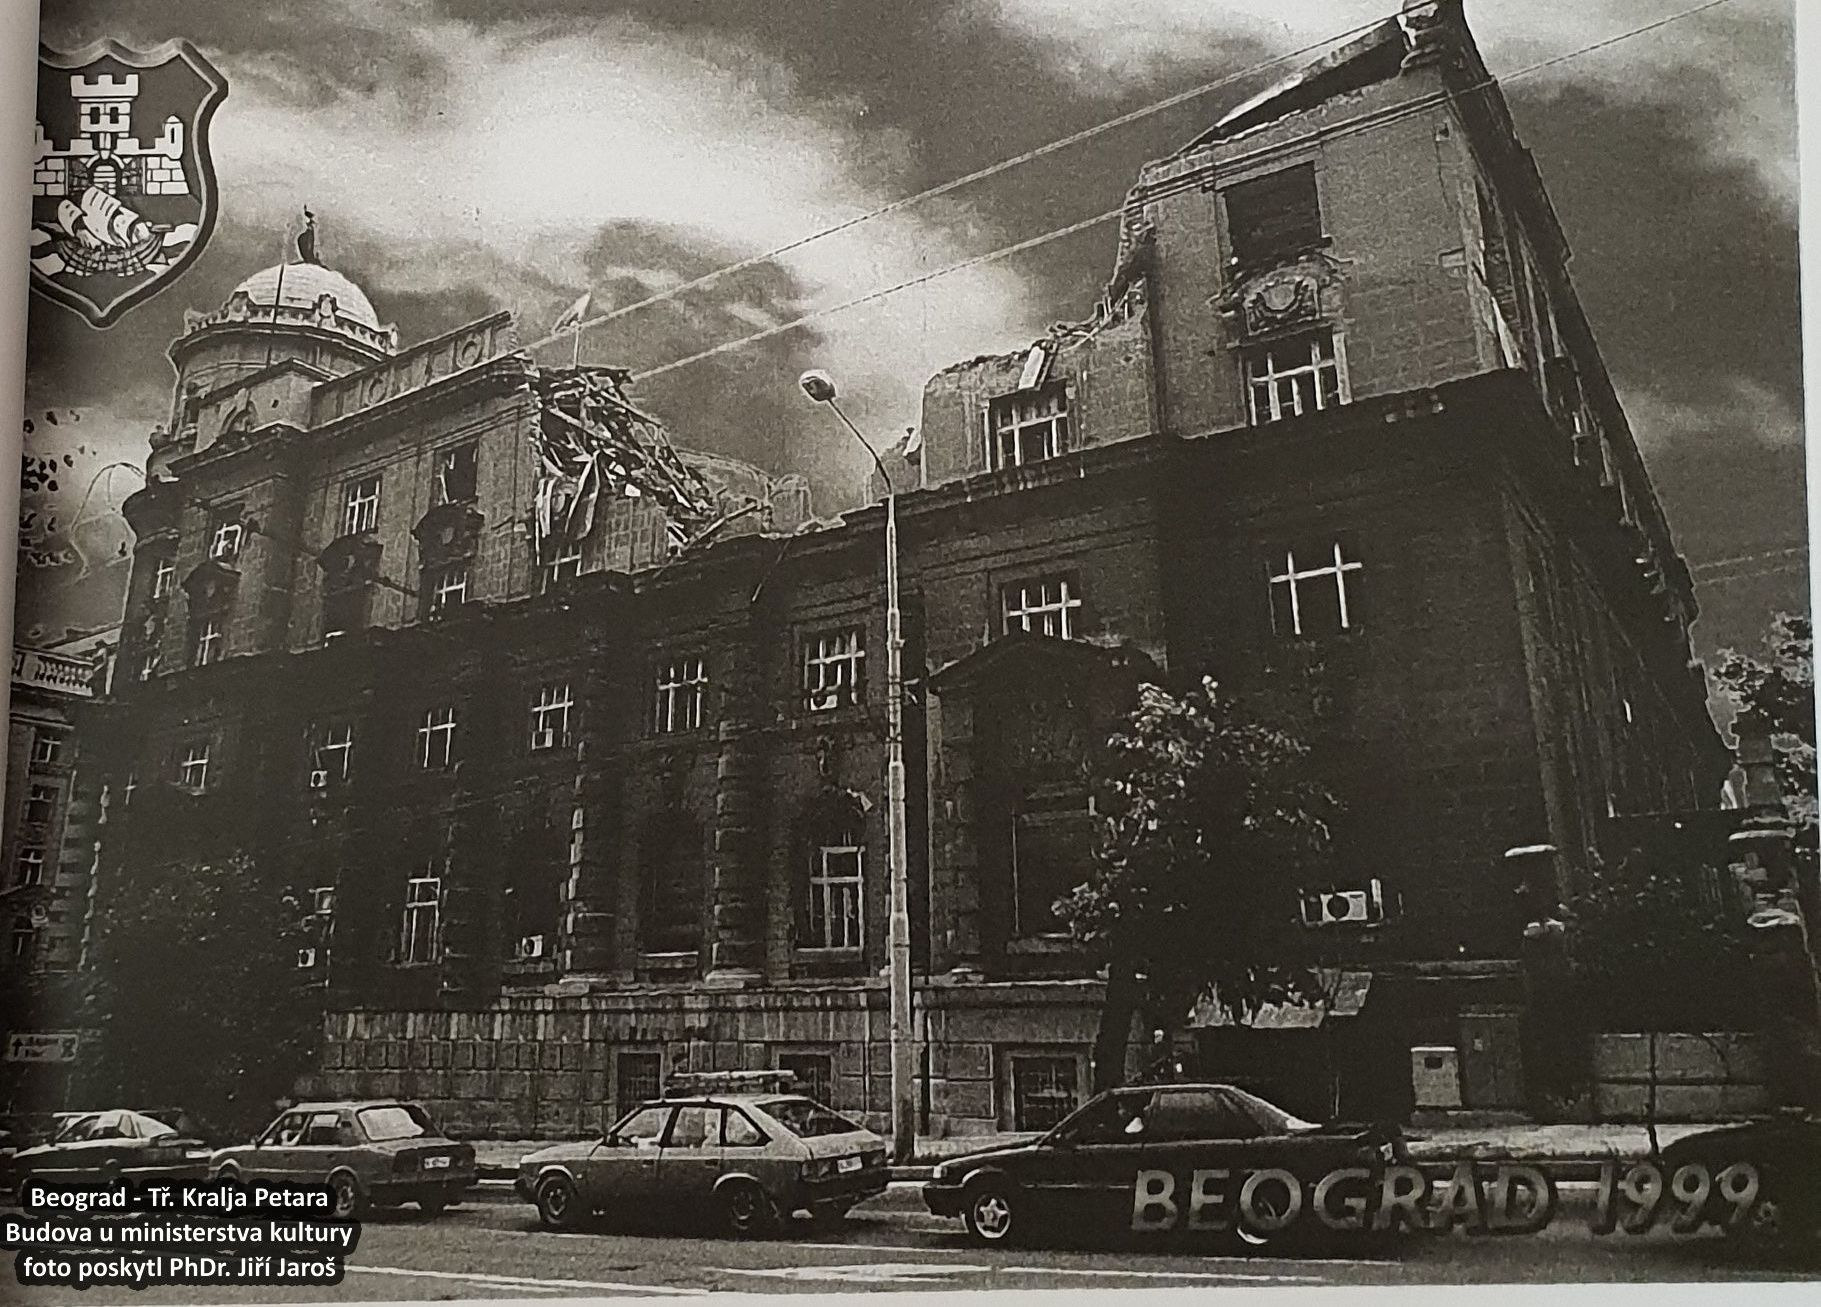 Obr. 2: Zřejmě dobový pohled ukazuje poškozenou budovu v Bělehradě během 78denní války